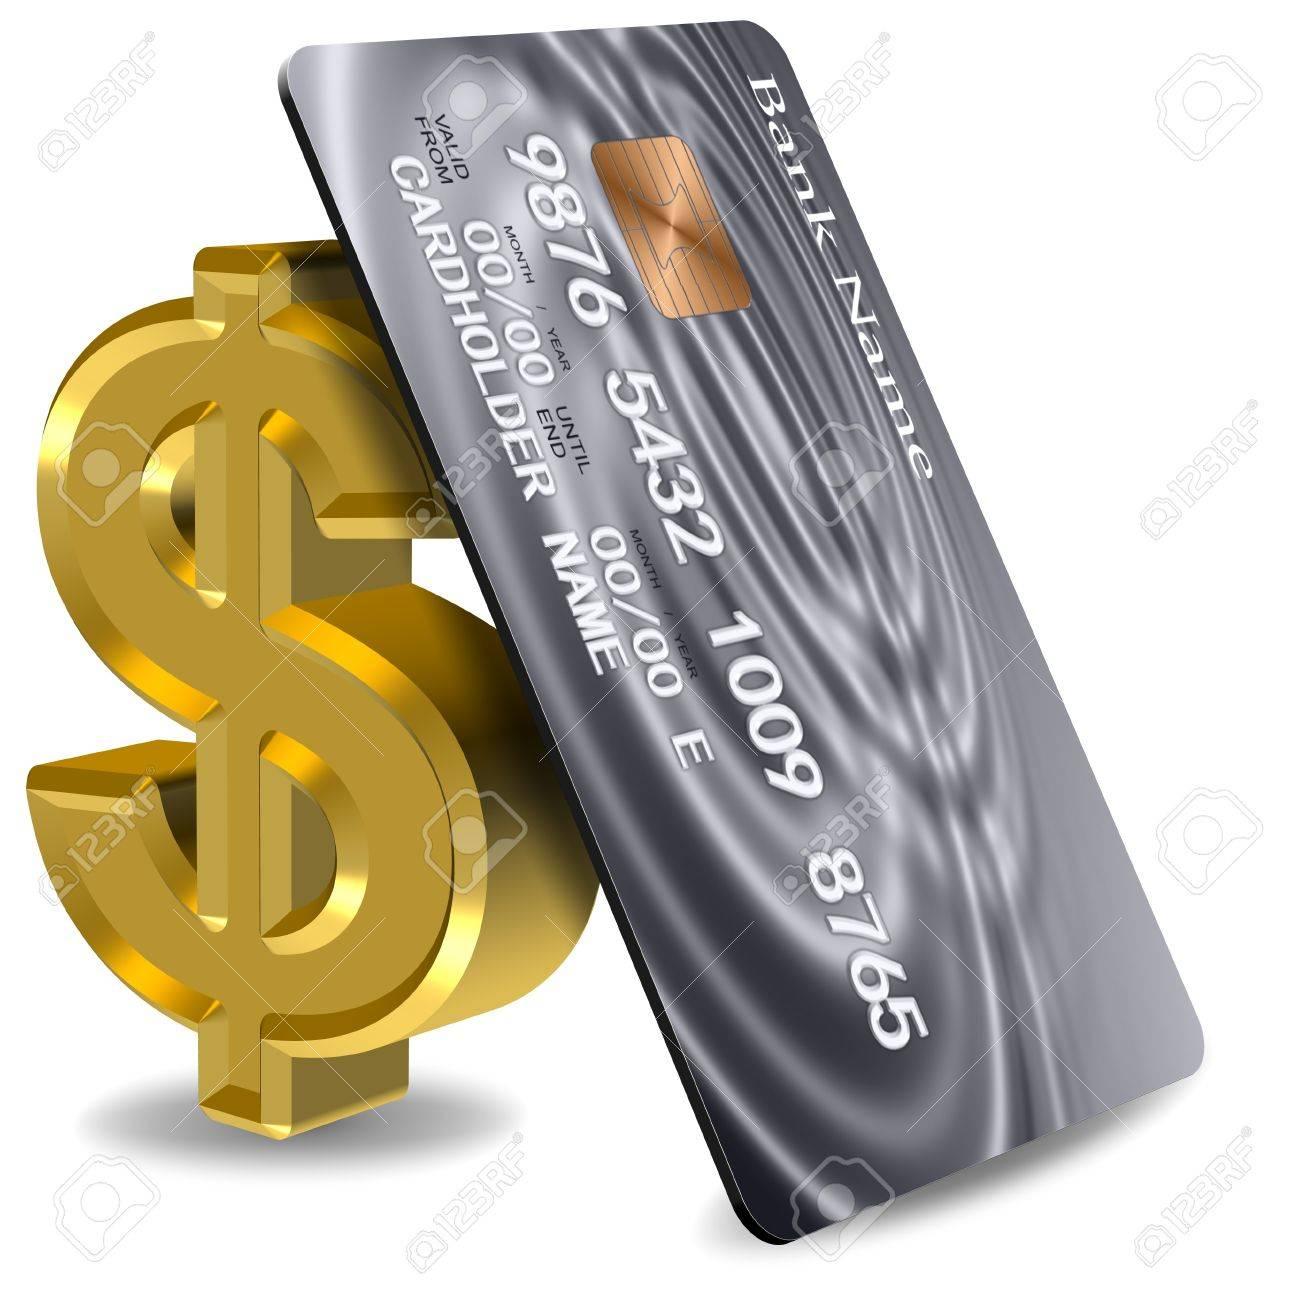 3c1429257b897 Foto de archivo - Platinum tarjeta de crédito apoyado en un símbolo de  dólar de oro